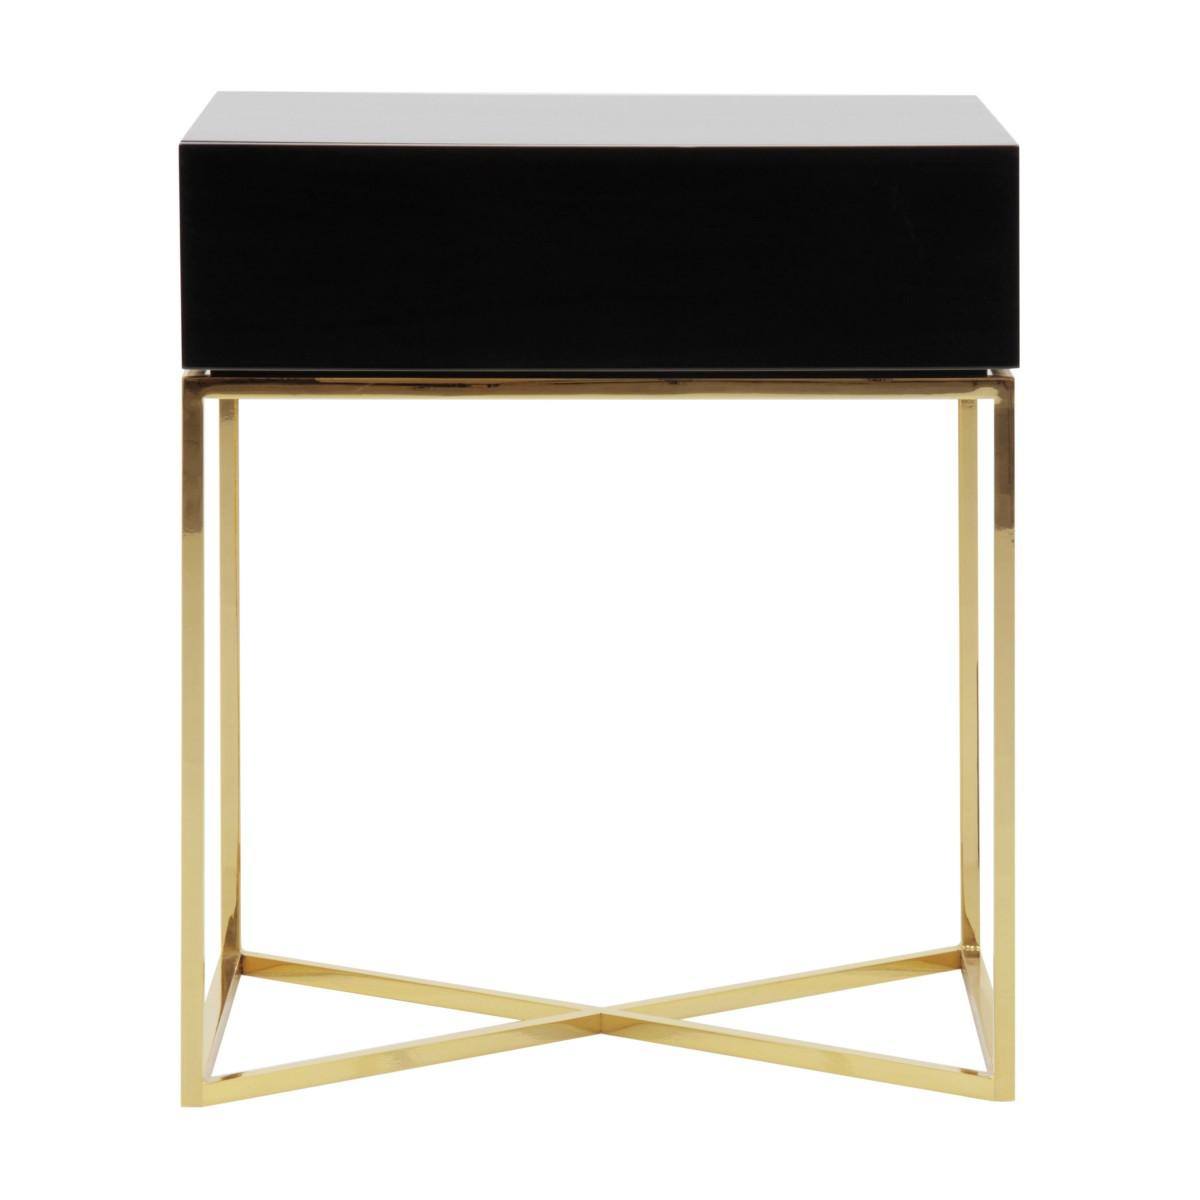 italian modern bedside table klepsidra 7144